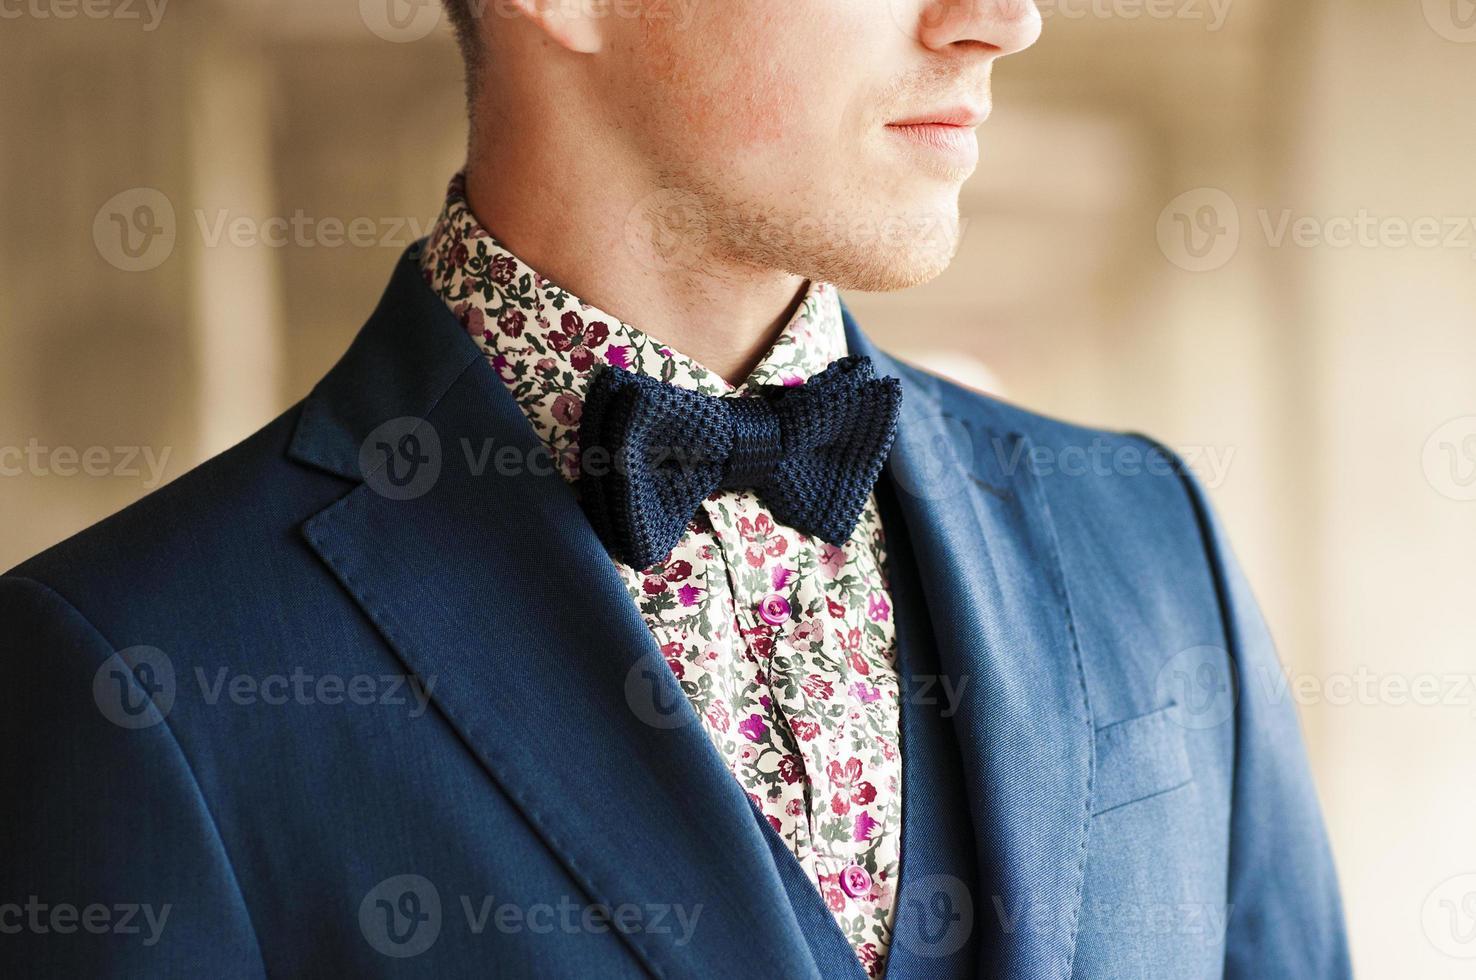 Papillon blu scuro con camicia a fiori sul collo da uomo. foto